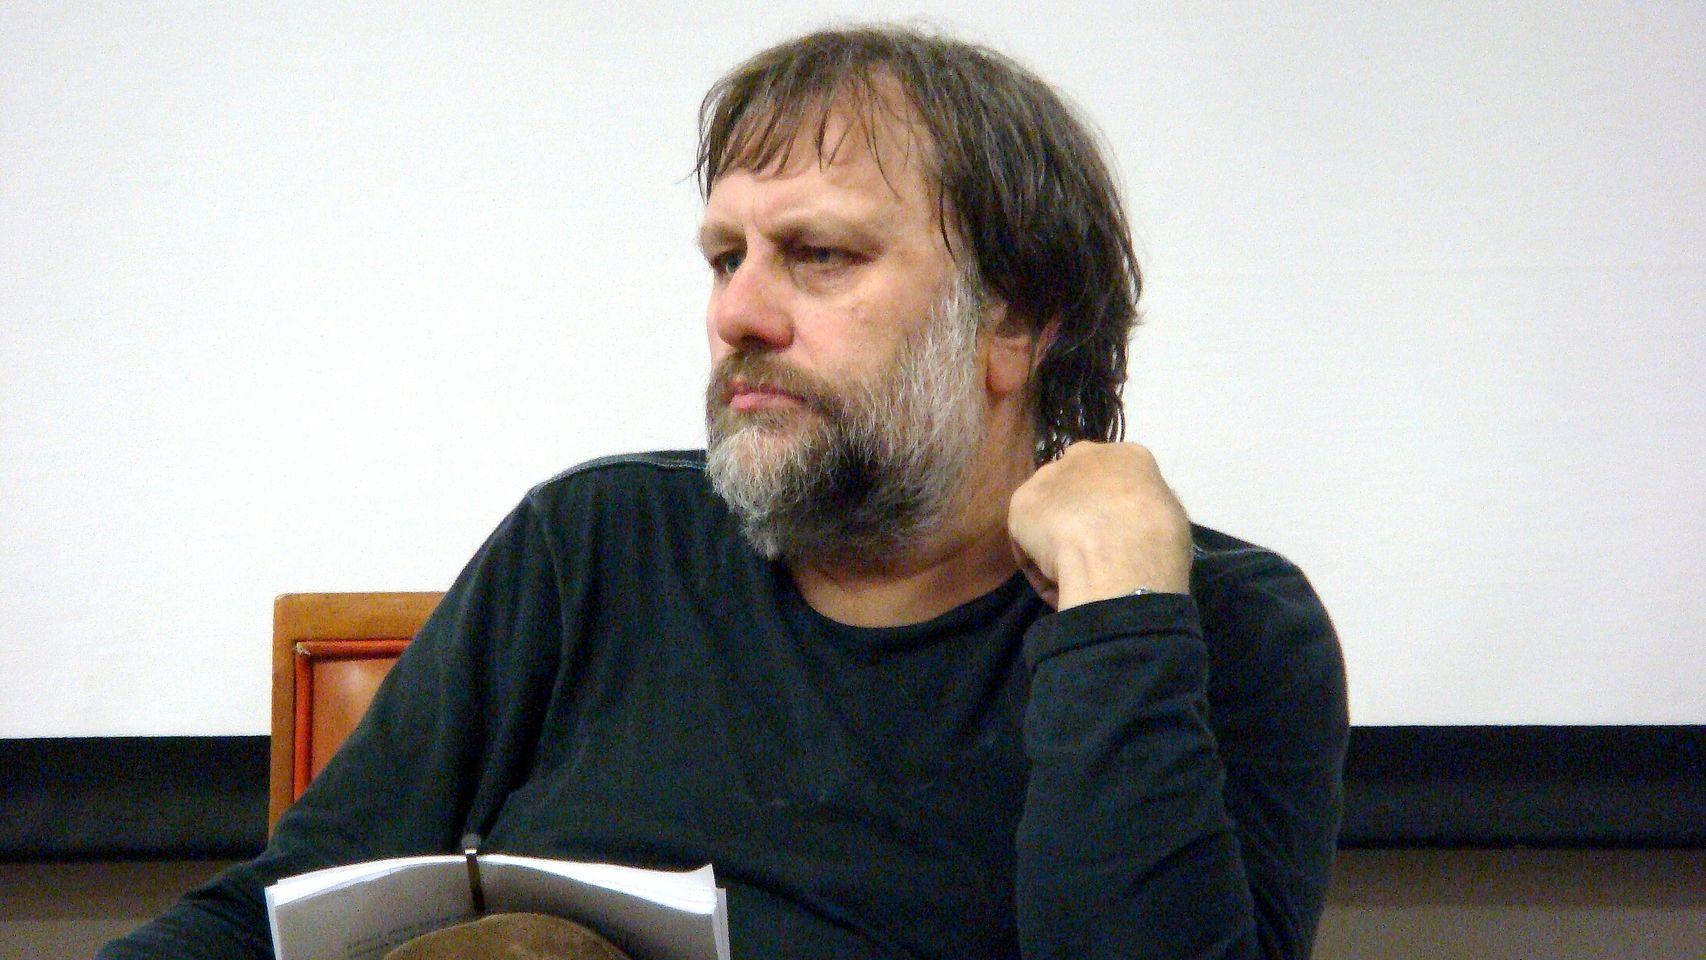 Slavoj Zizek se pregunta por los límites de la tolerancia occidental frente a los ataques fundamentalistas.